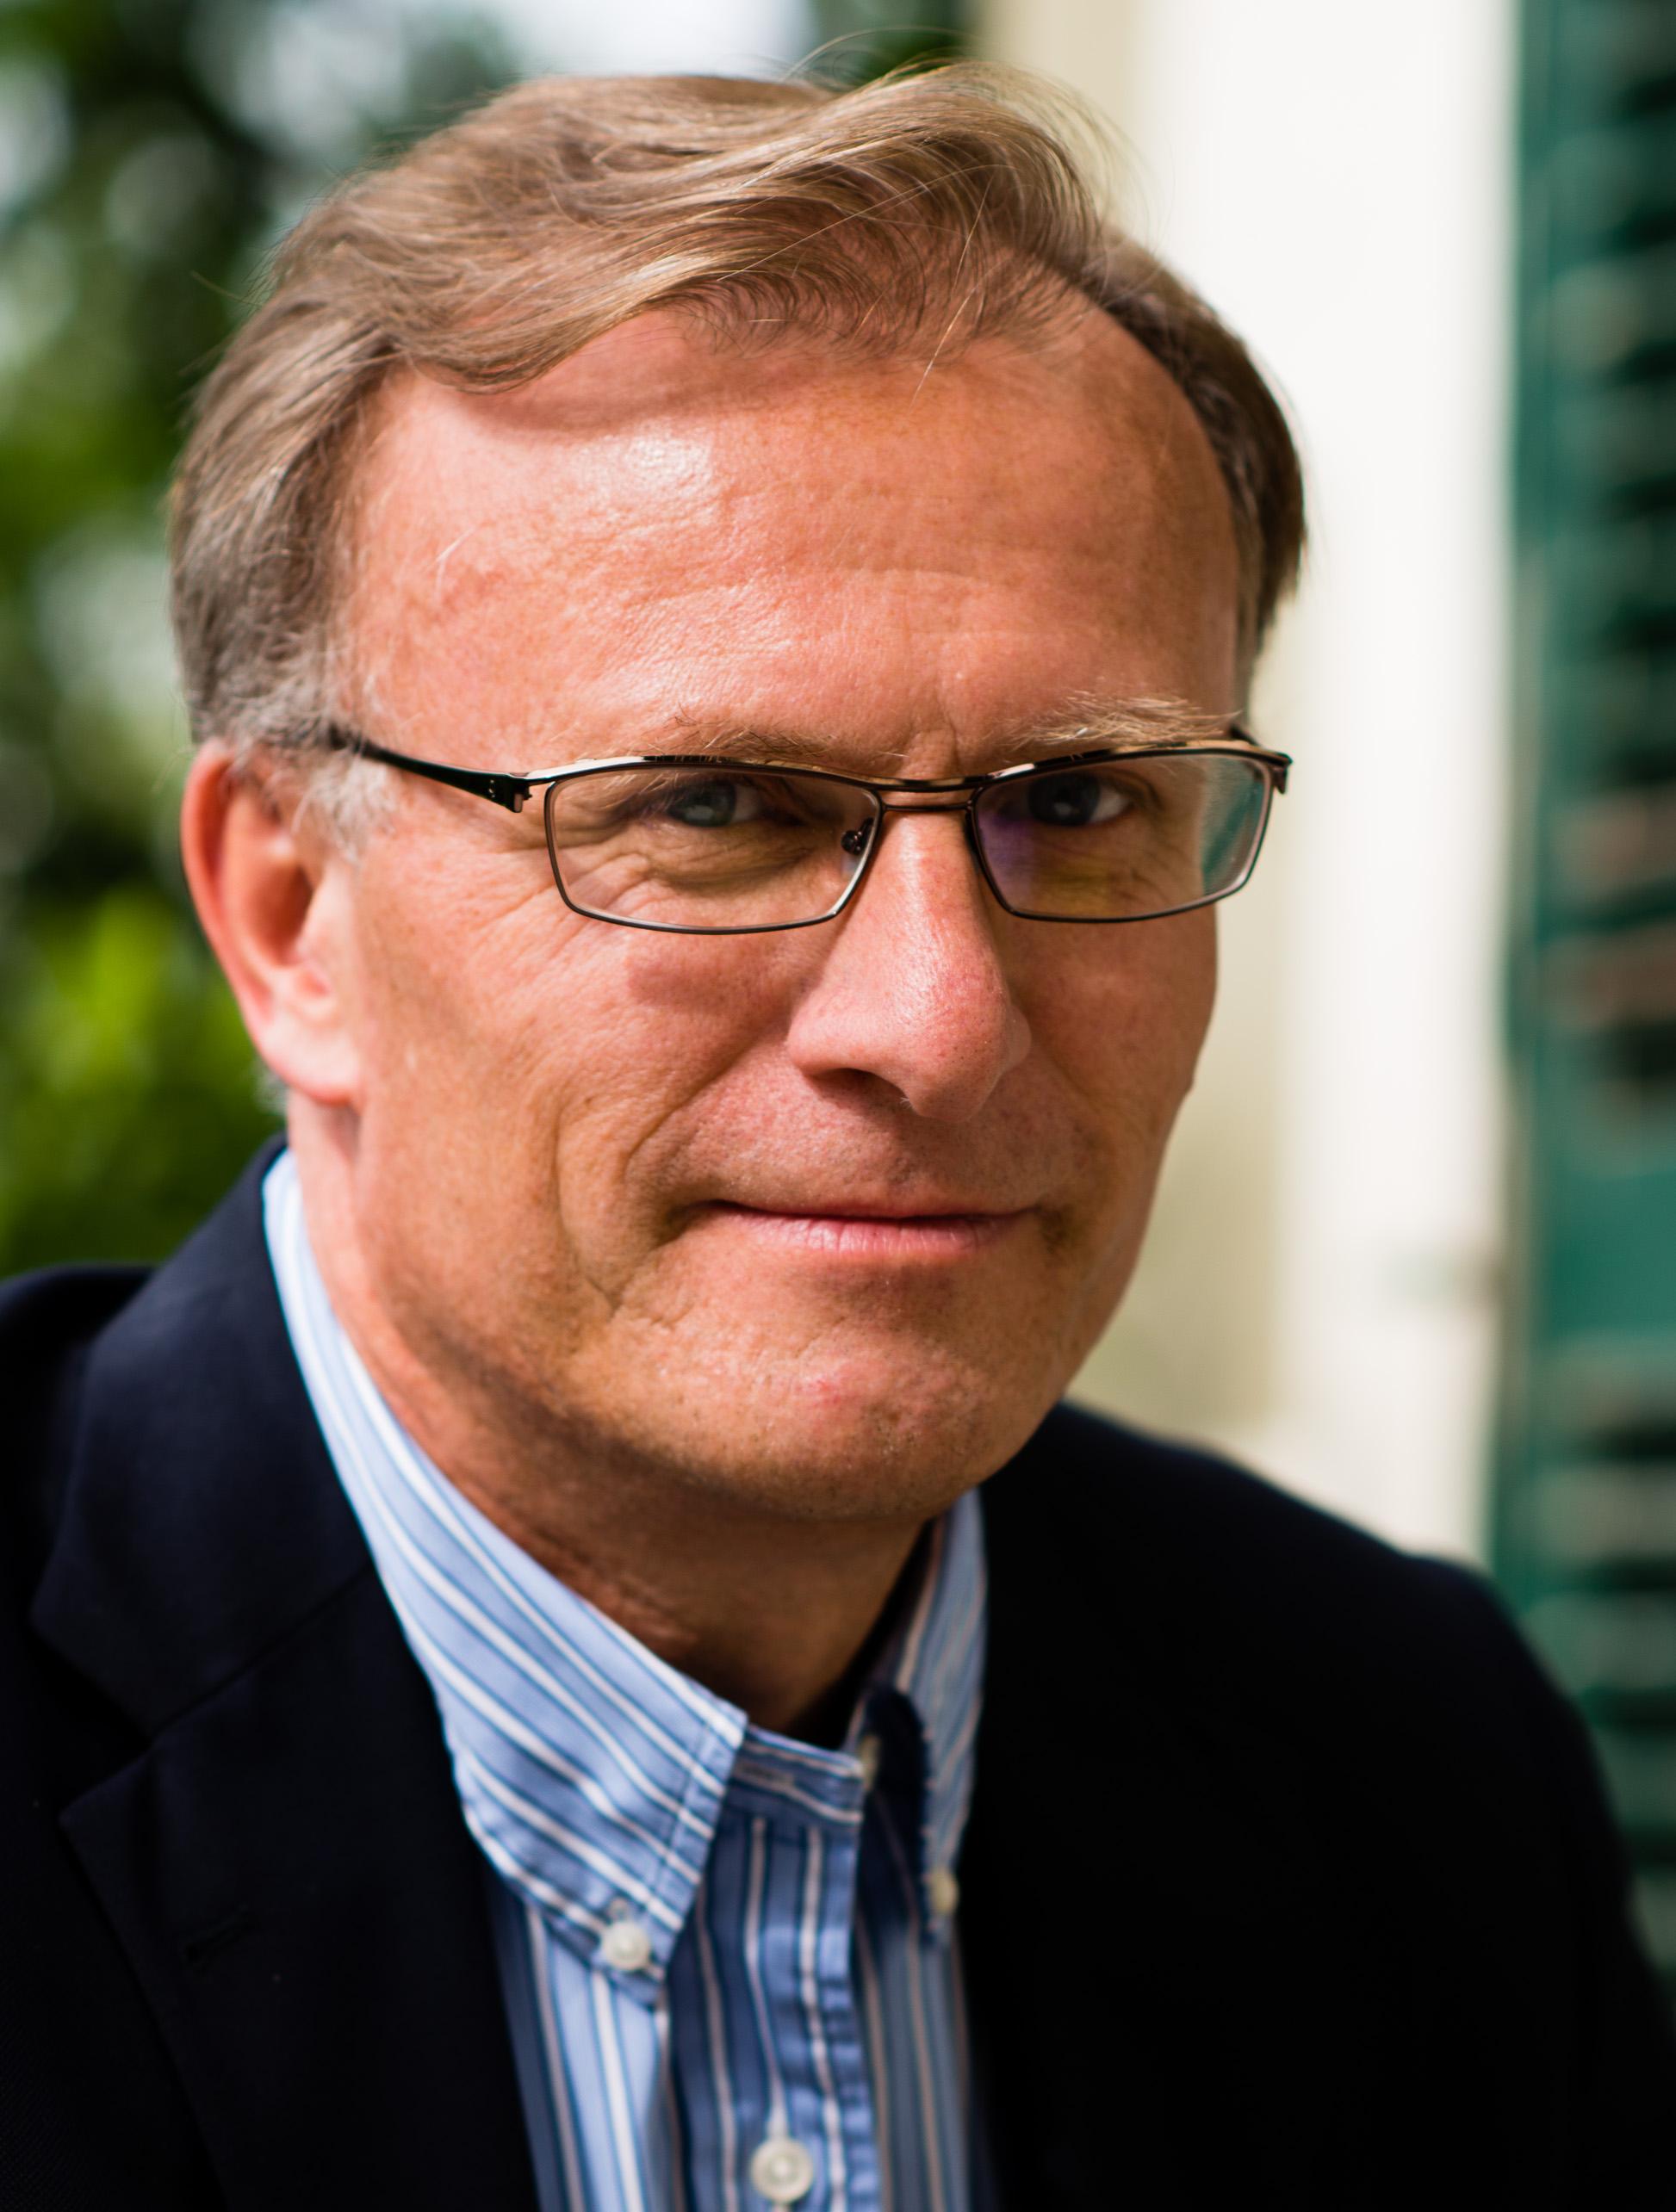 Prof. Dr. med. Thomas Dierks